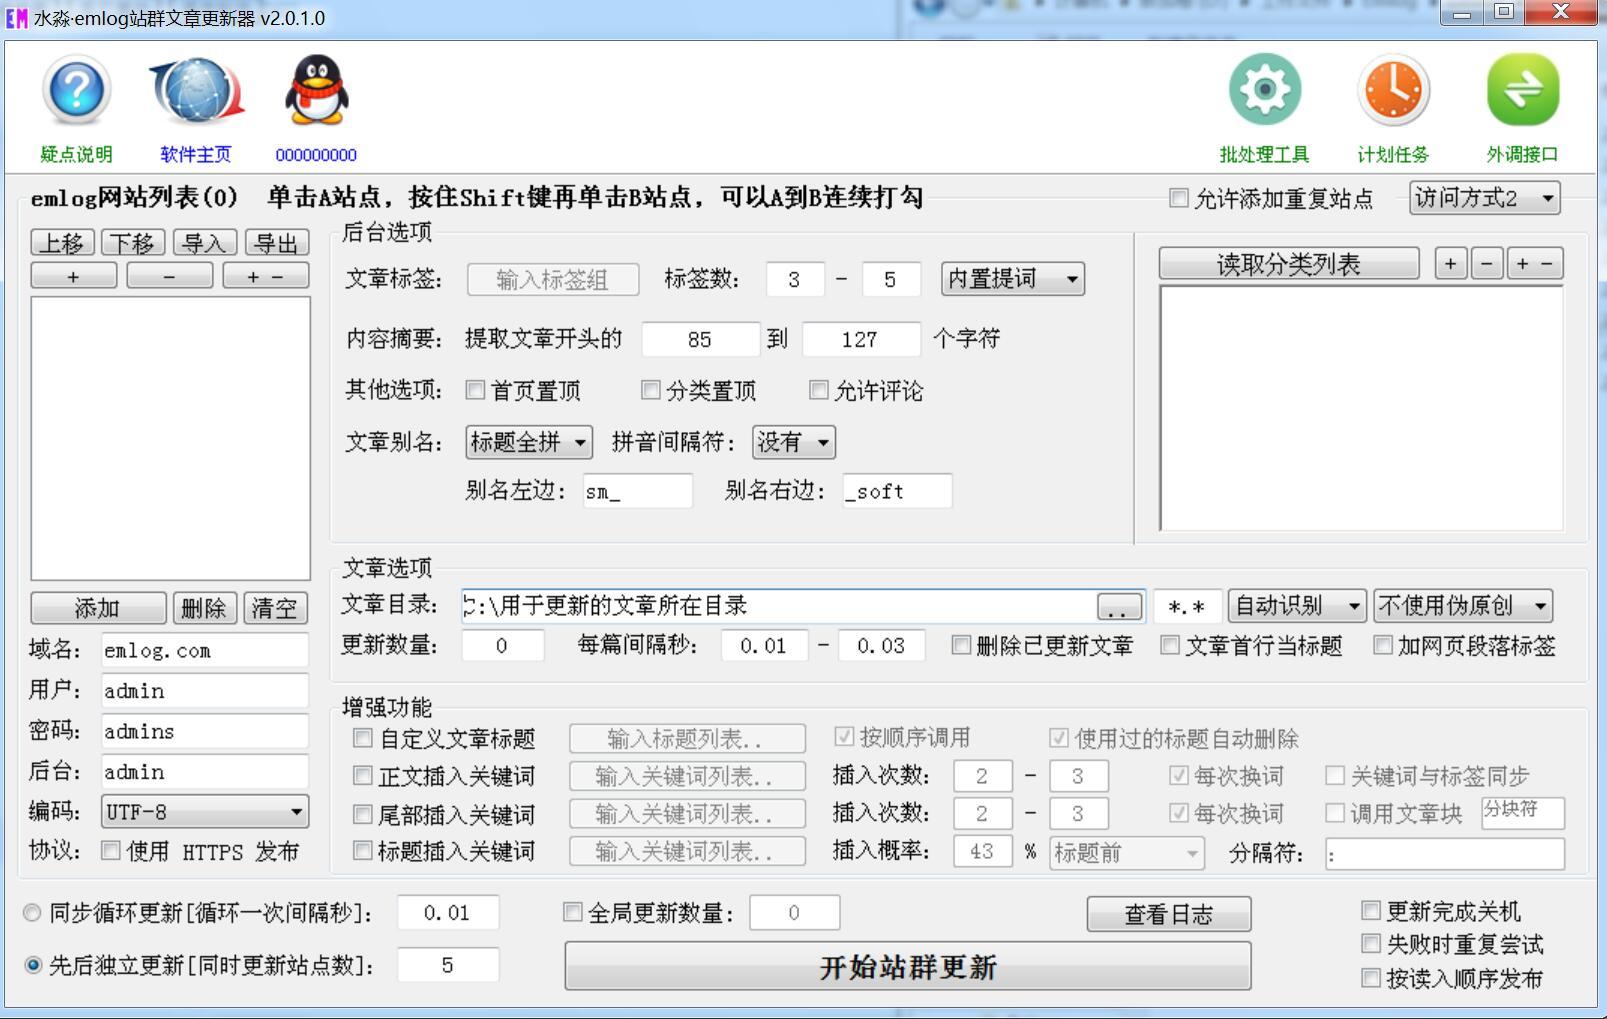 水淼・emlog站群文章更新器v2.0.3.0